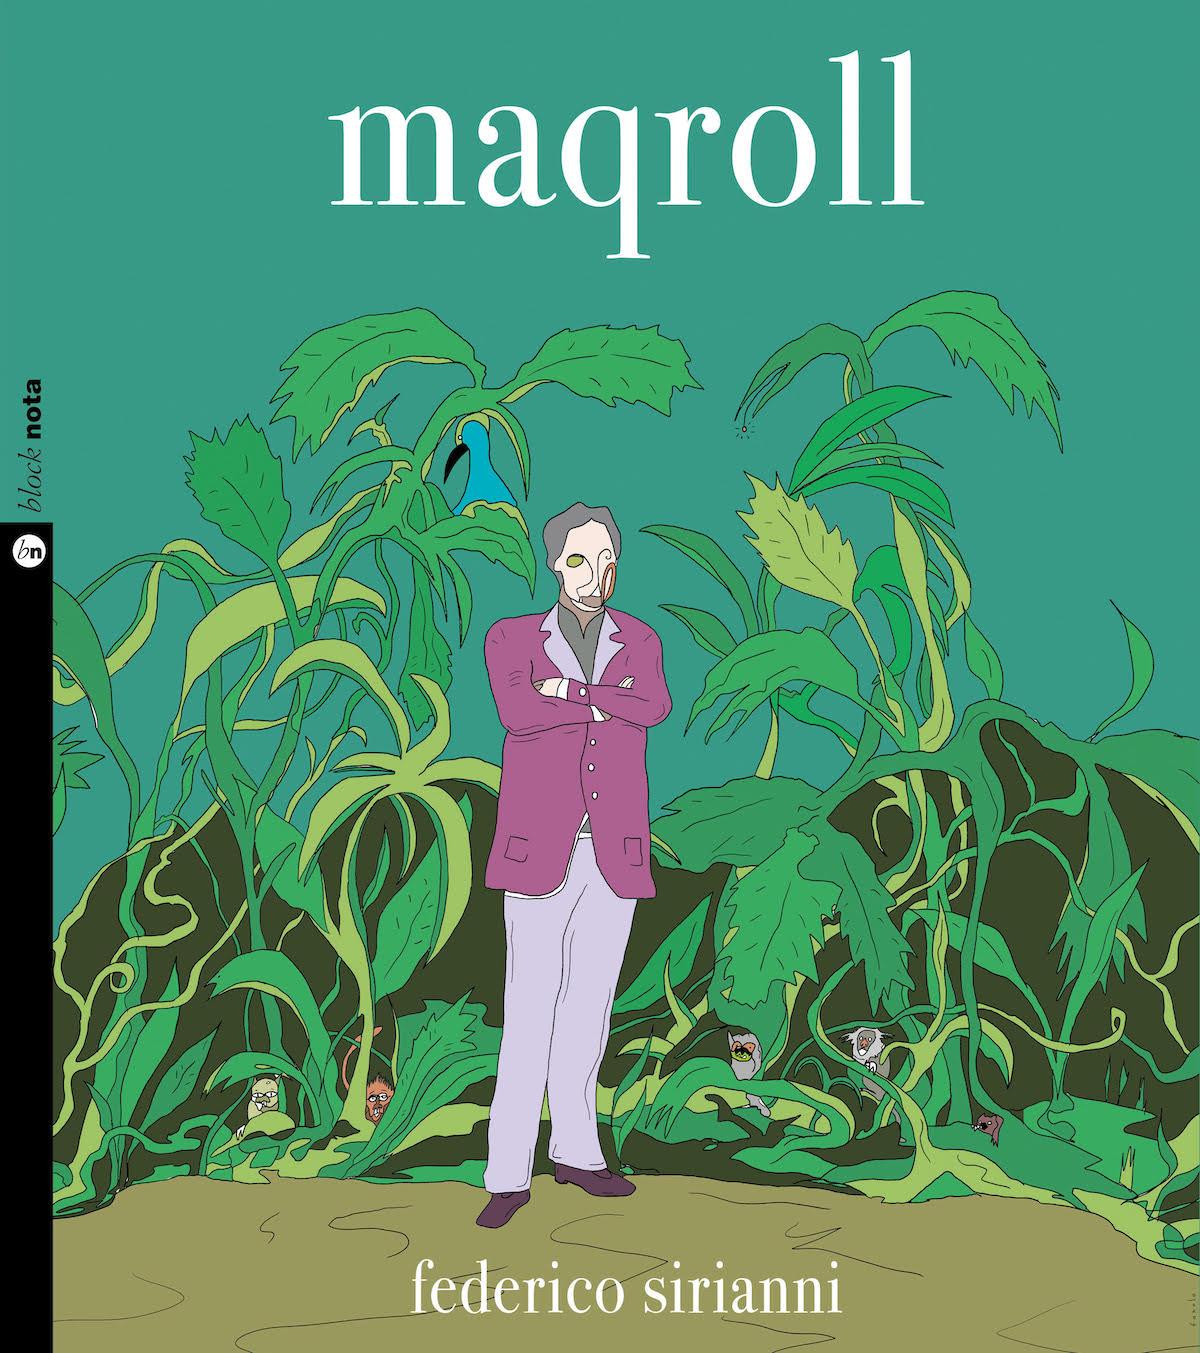 """FEDERICO SIRIANNI """"Maqroll"""" è il nuovo album liberamente ispirato ai romanzi di Alvaro Mutis"""